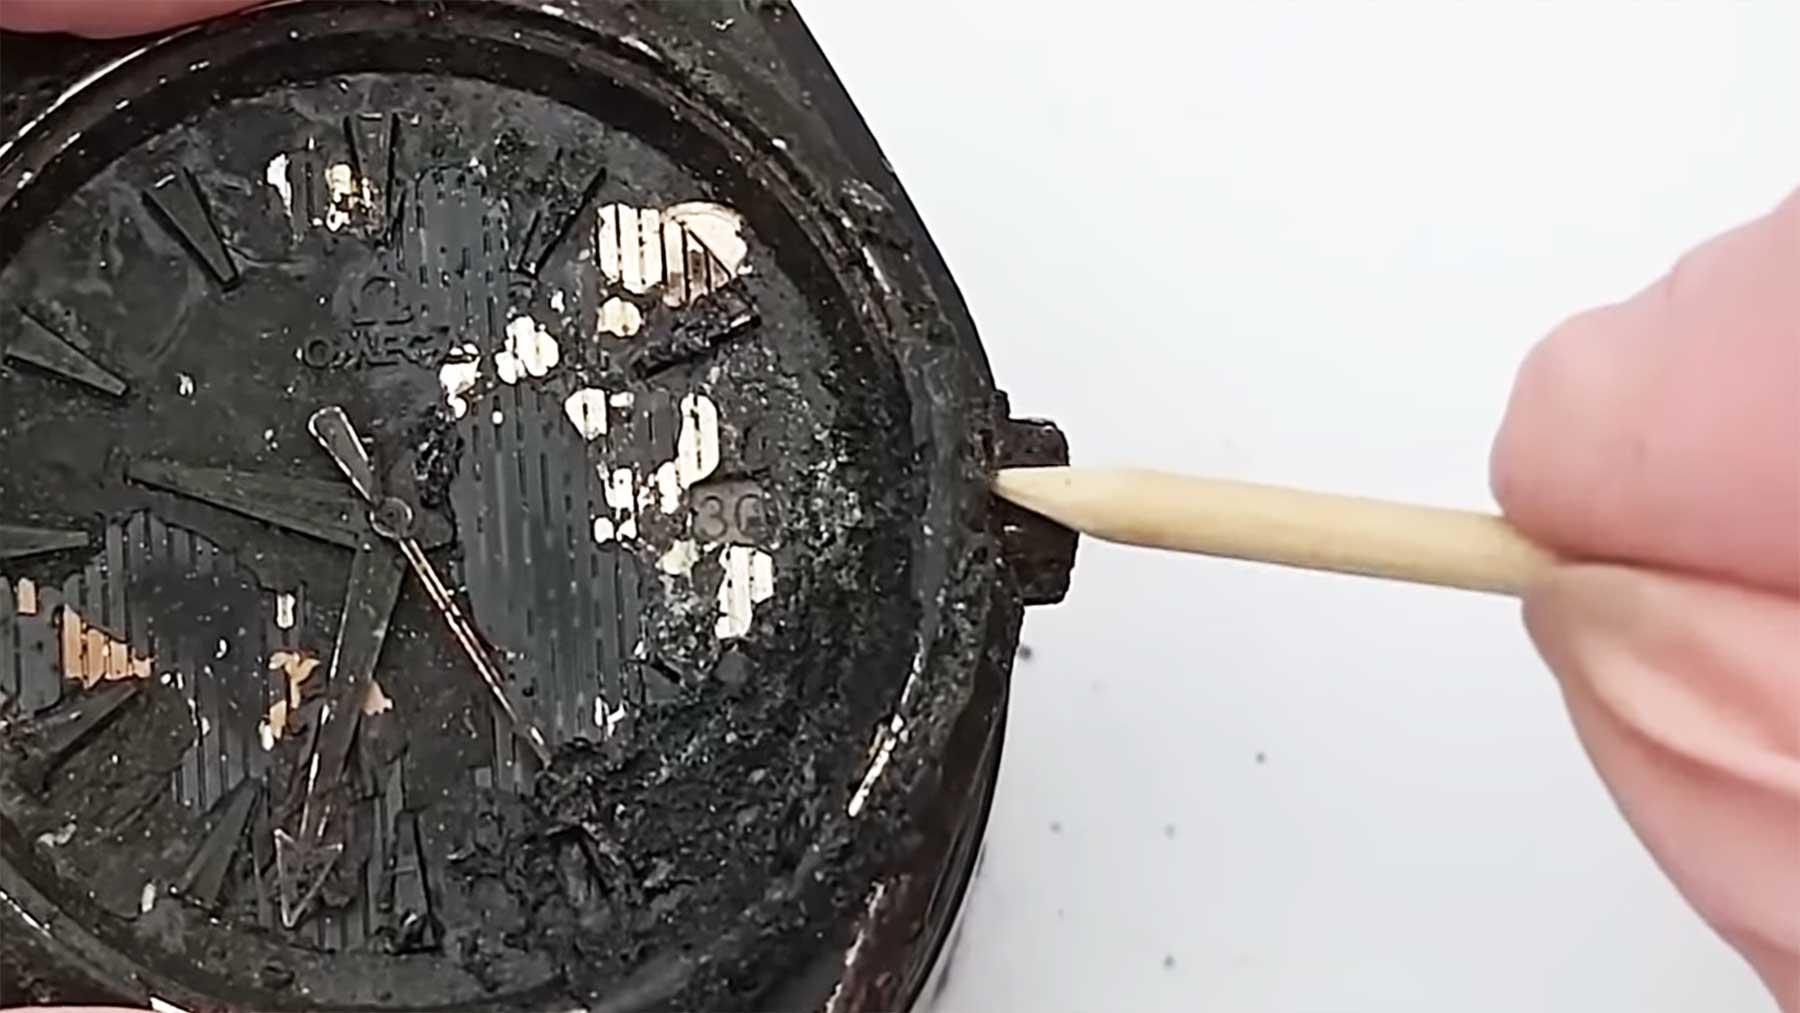 Restauration einer verbrannten Armbanduhr